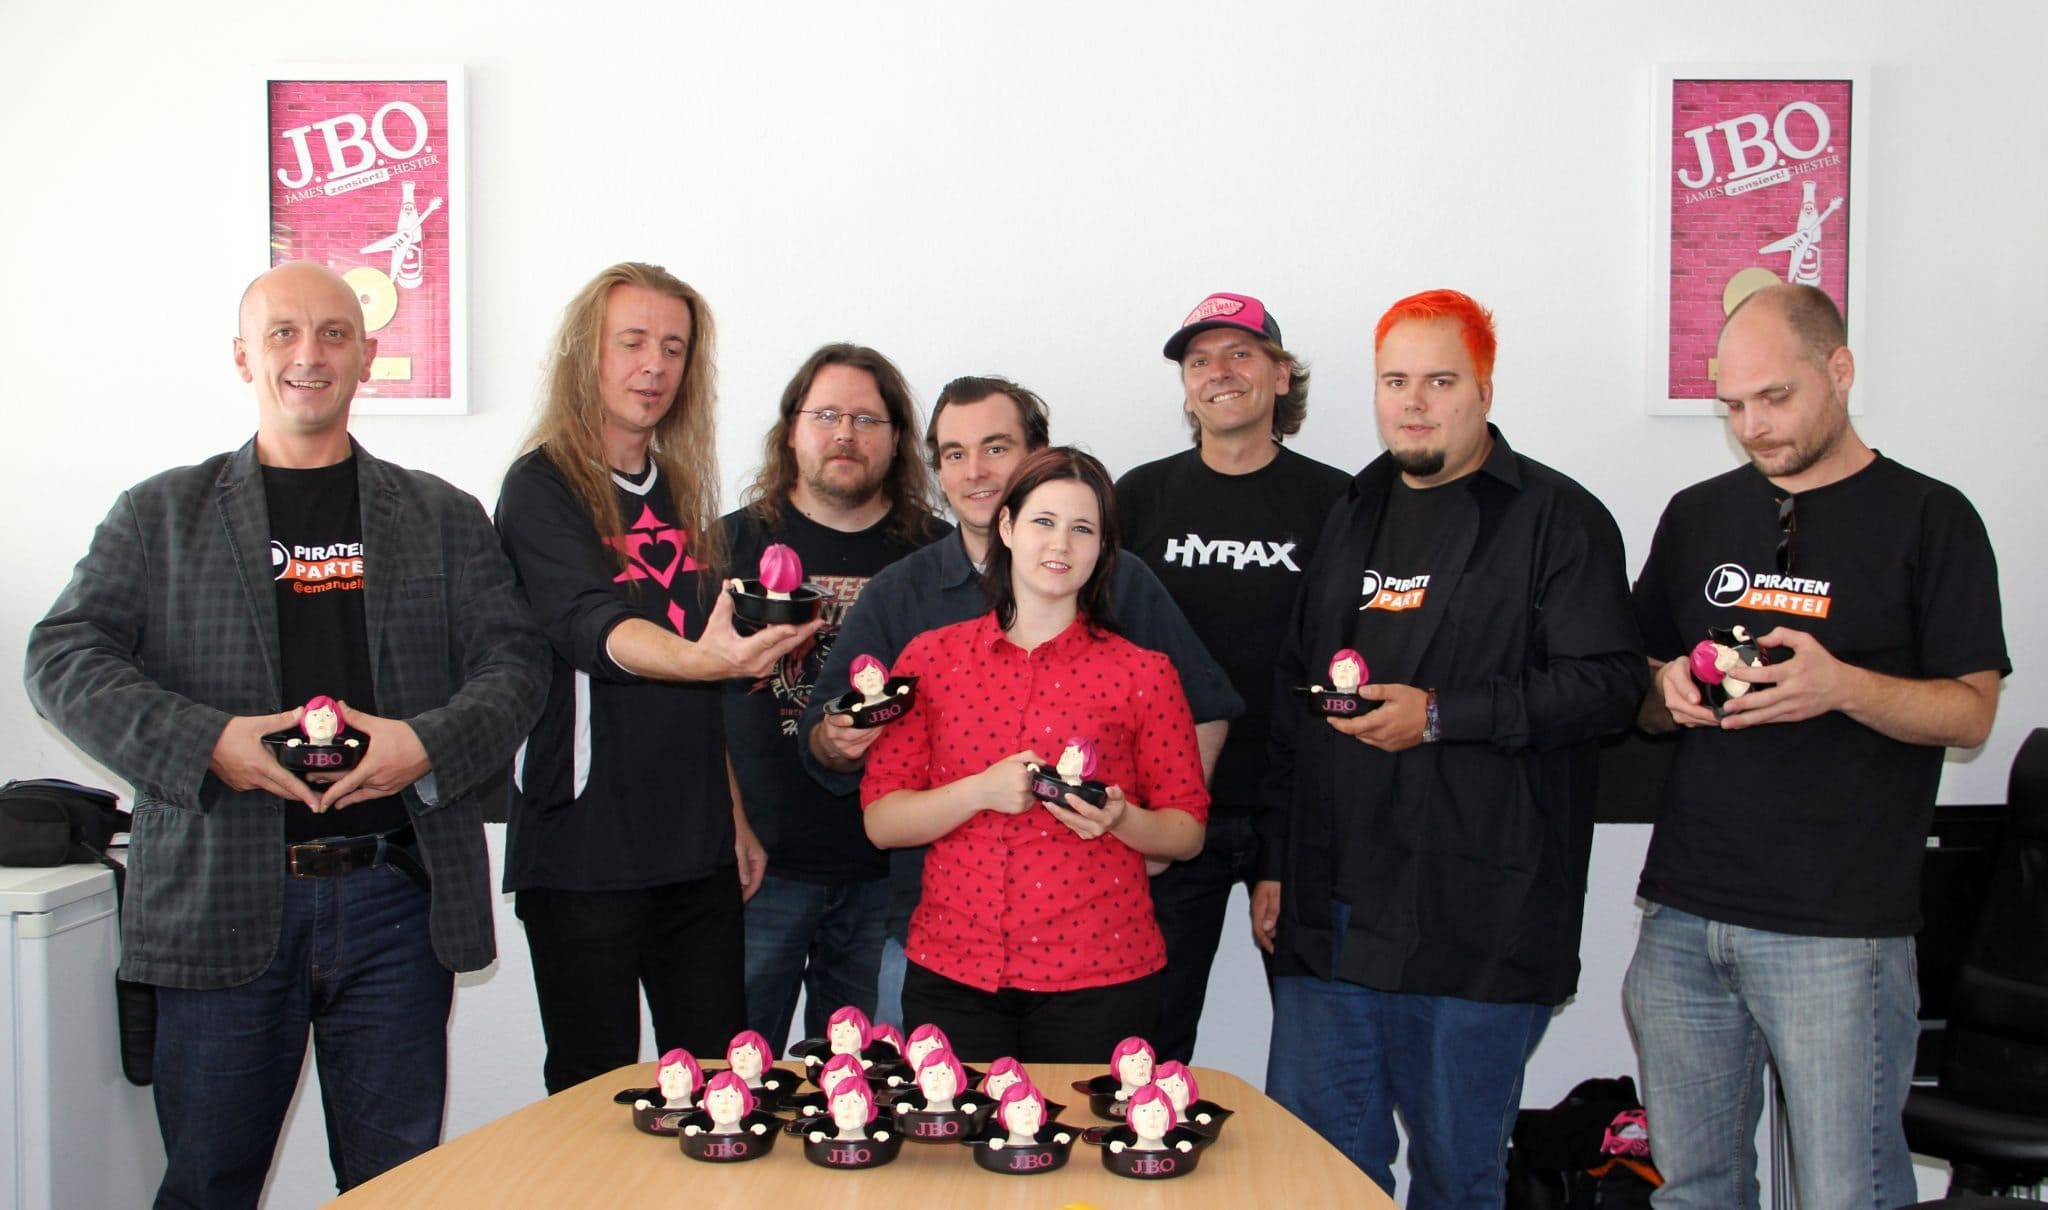 Pressemitteilung: J.B.O. spenden Angie-Saftpressen für den Wahlkampf der Piratenpartei